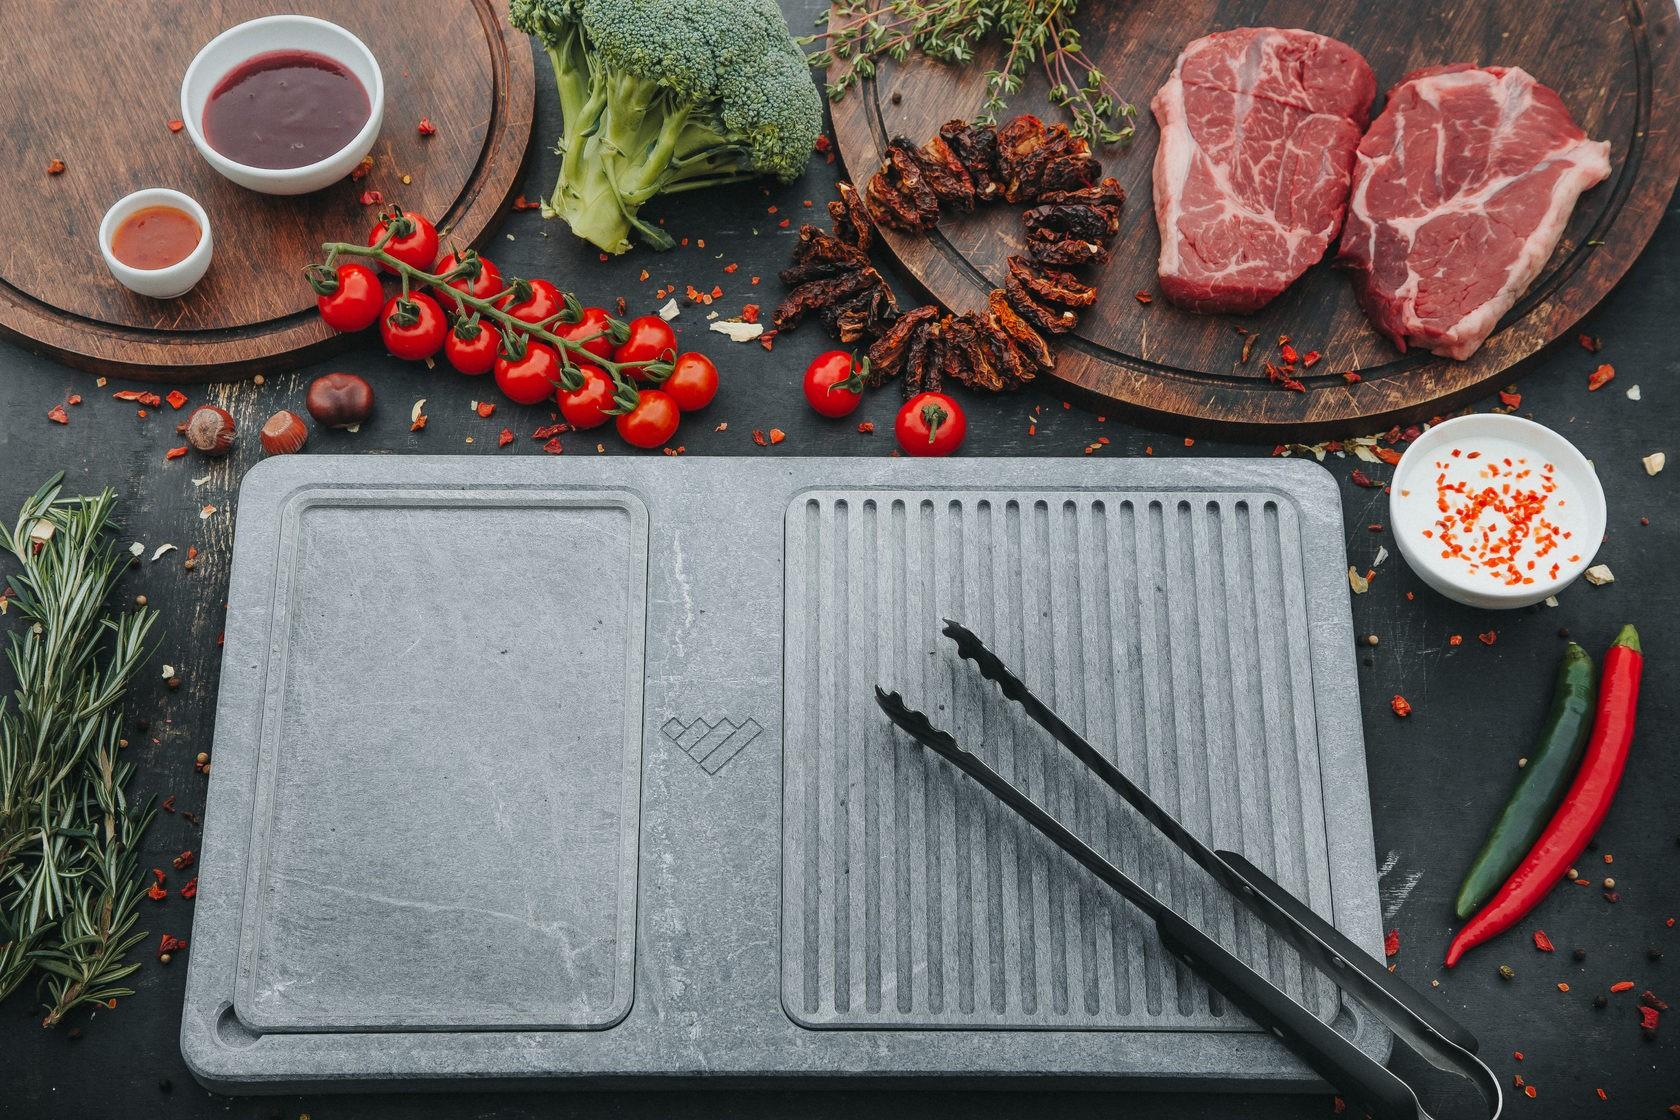 Камень для жарки мяса на гриле